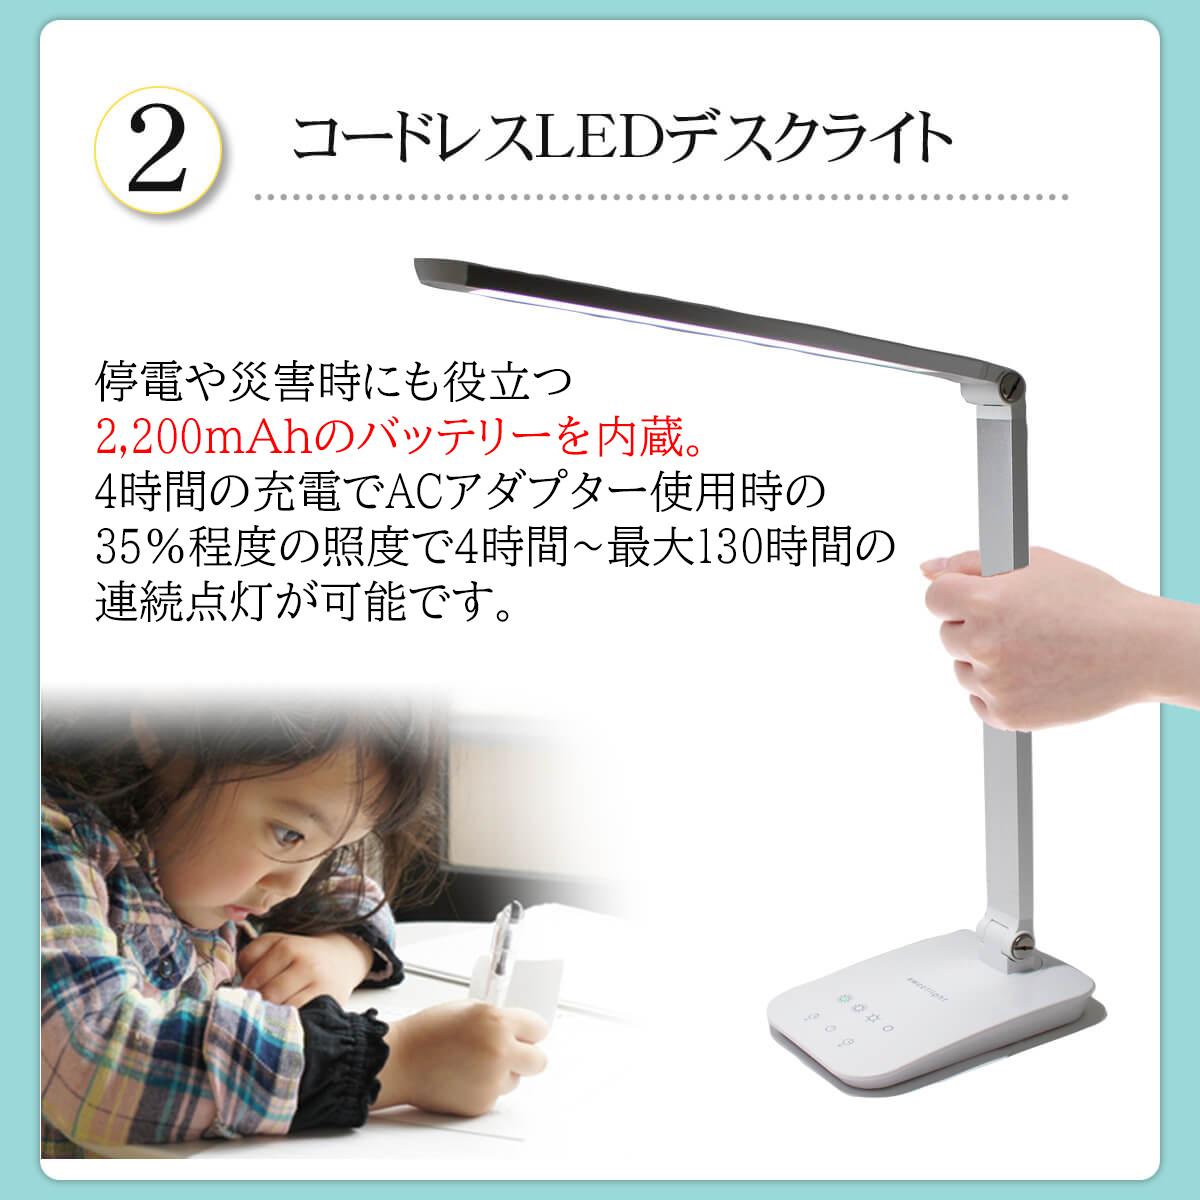 【2020年度版】 テレワーク コードレス LEDデスクライト スイートライト ポータブル� 充電式 LEDデスクスタンド 目にやさしい